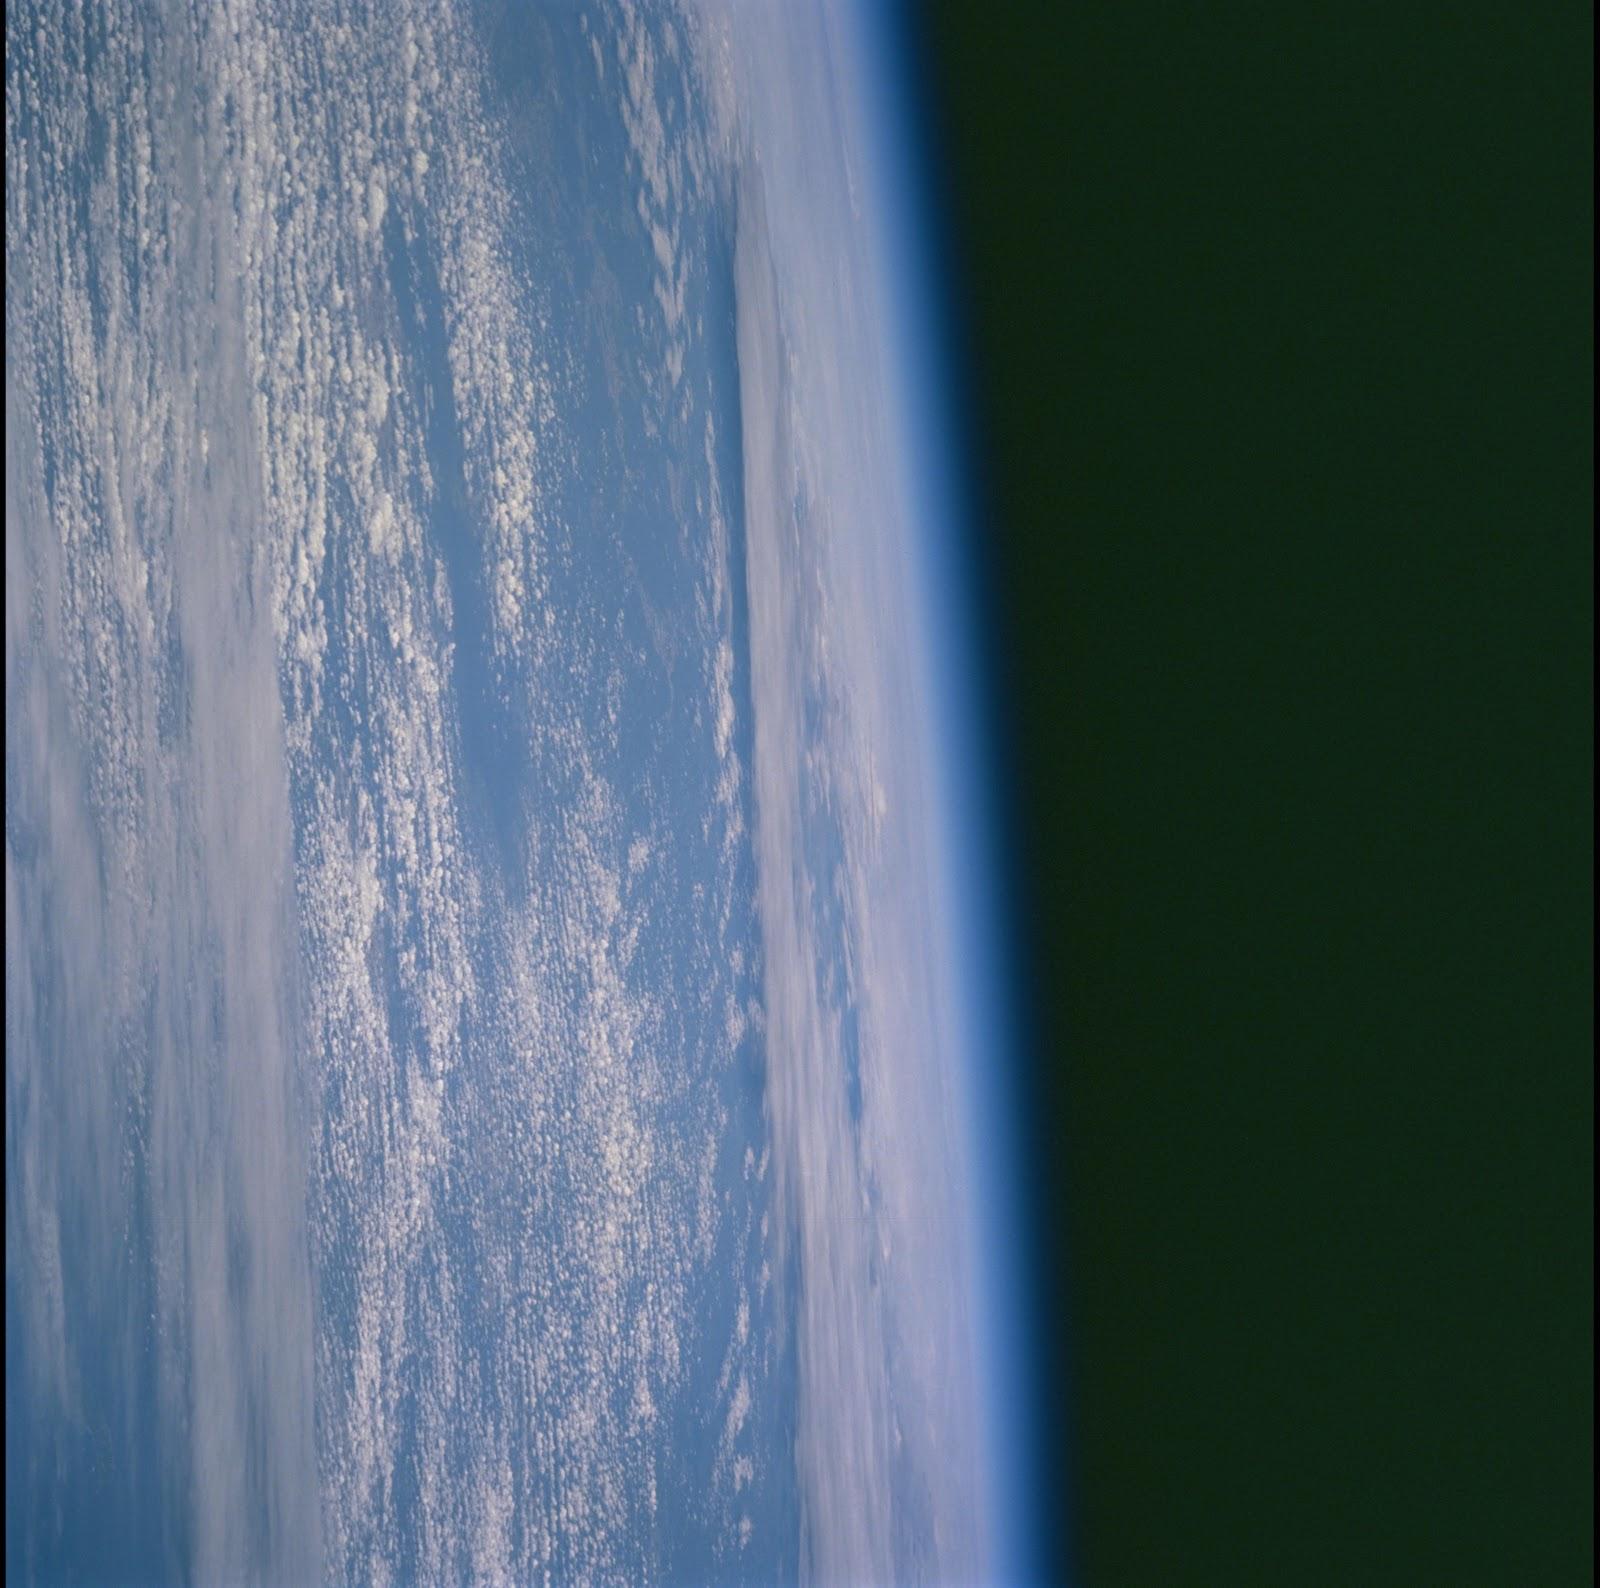 宇宙から見られた地球のヨーロッパ上空